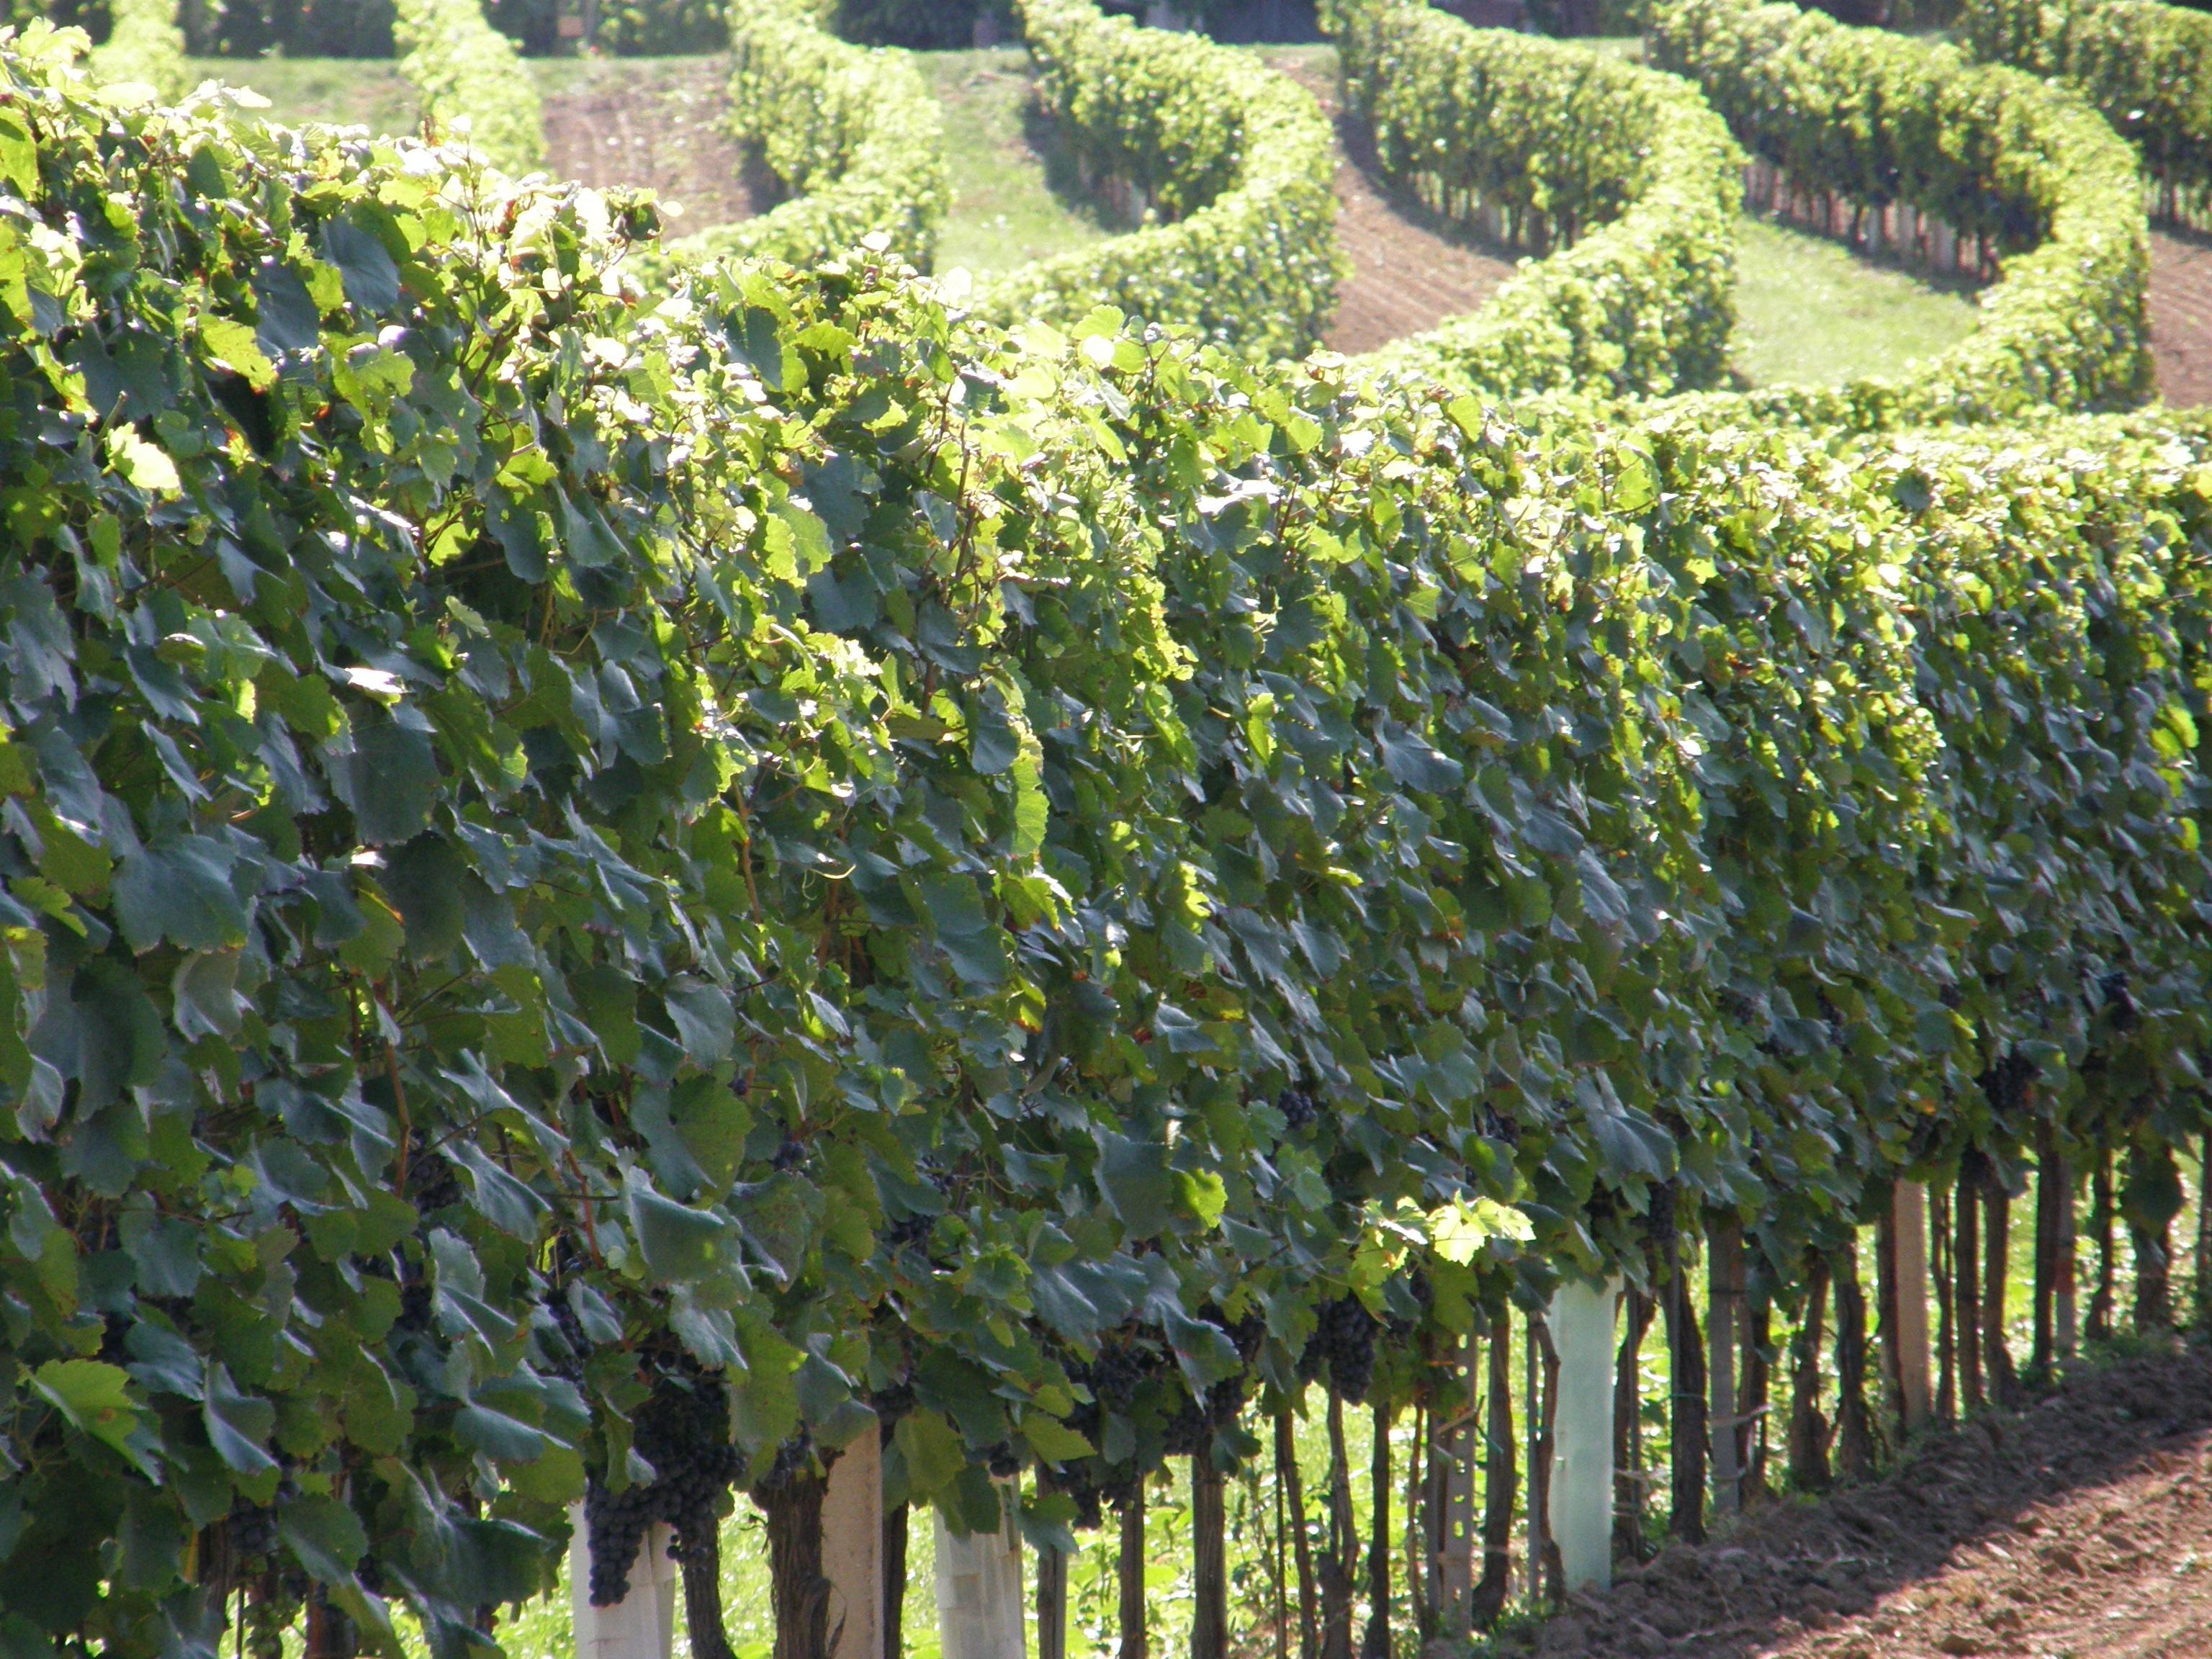 Kostenlose foto Landschaft Natur Weinberg Wein Frucht